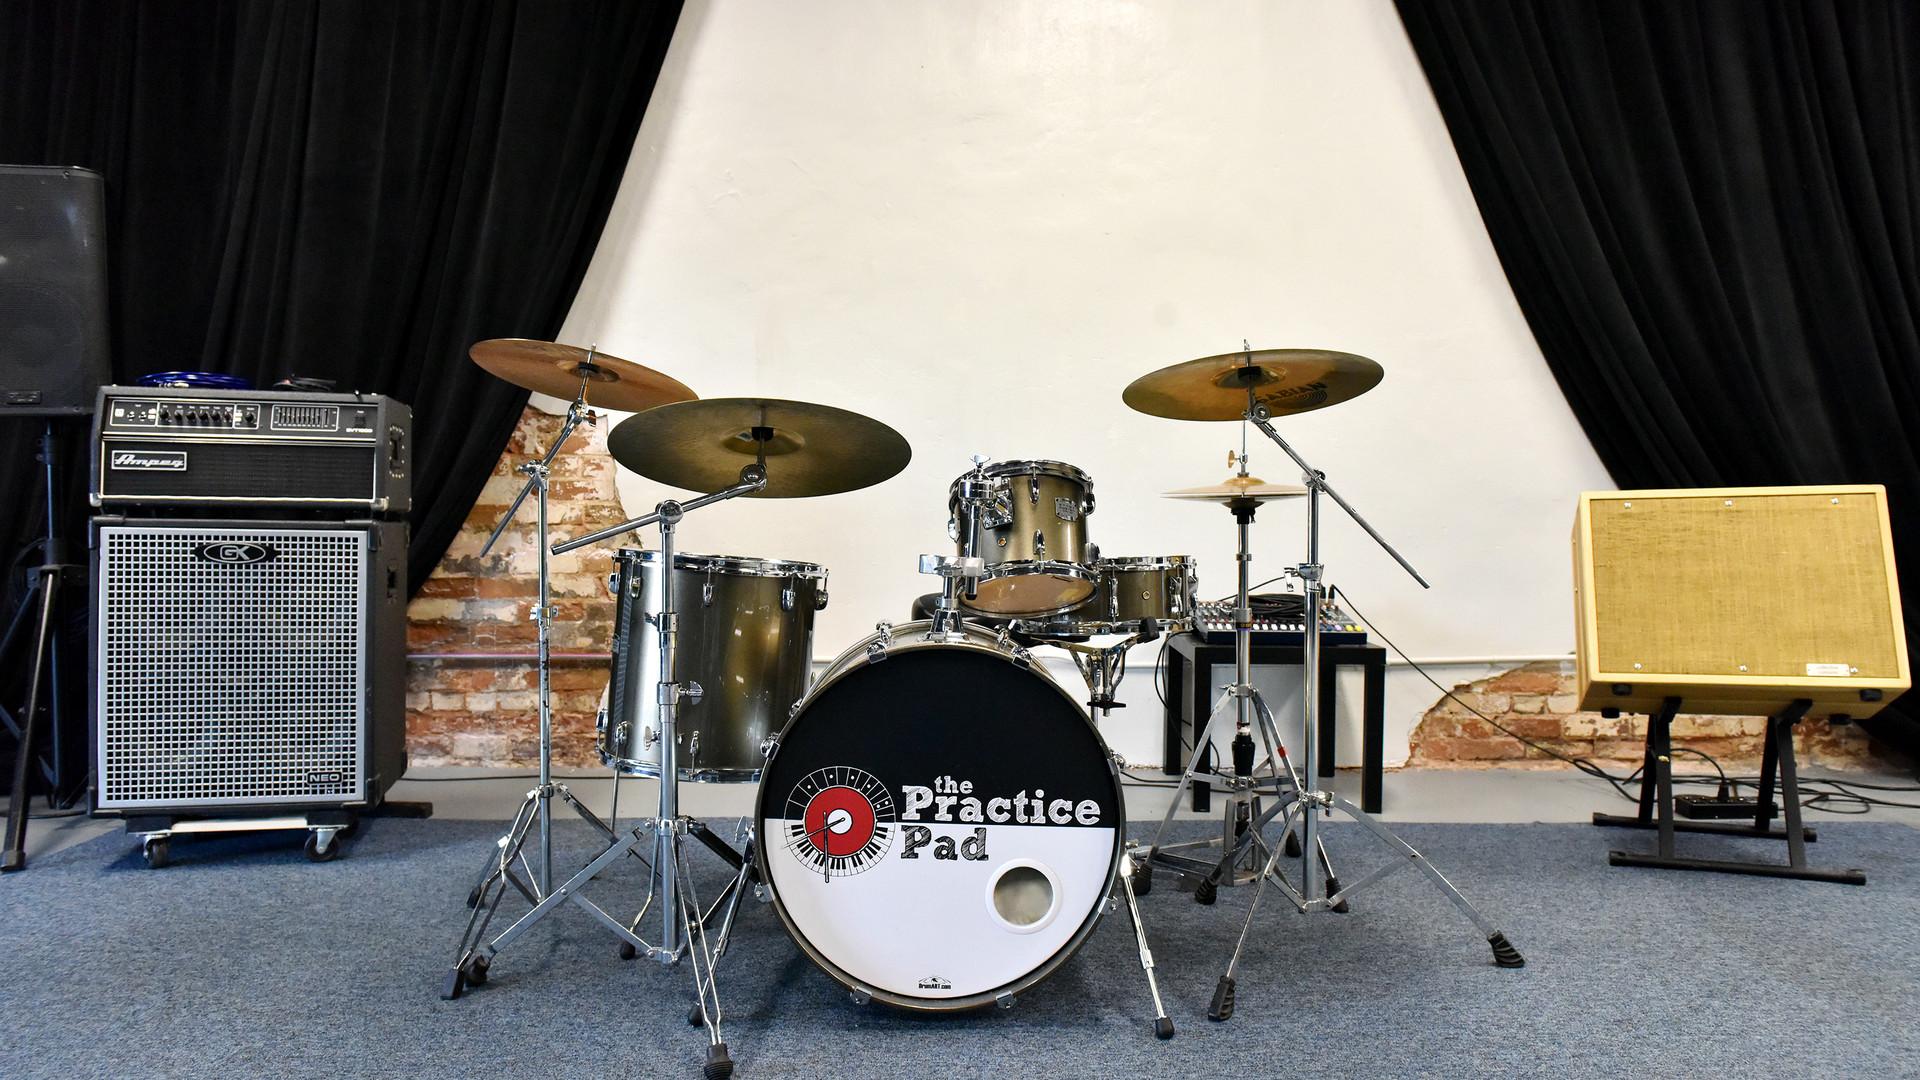 PracticePad_04.JPG